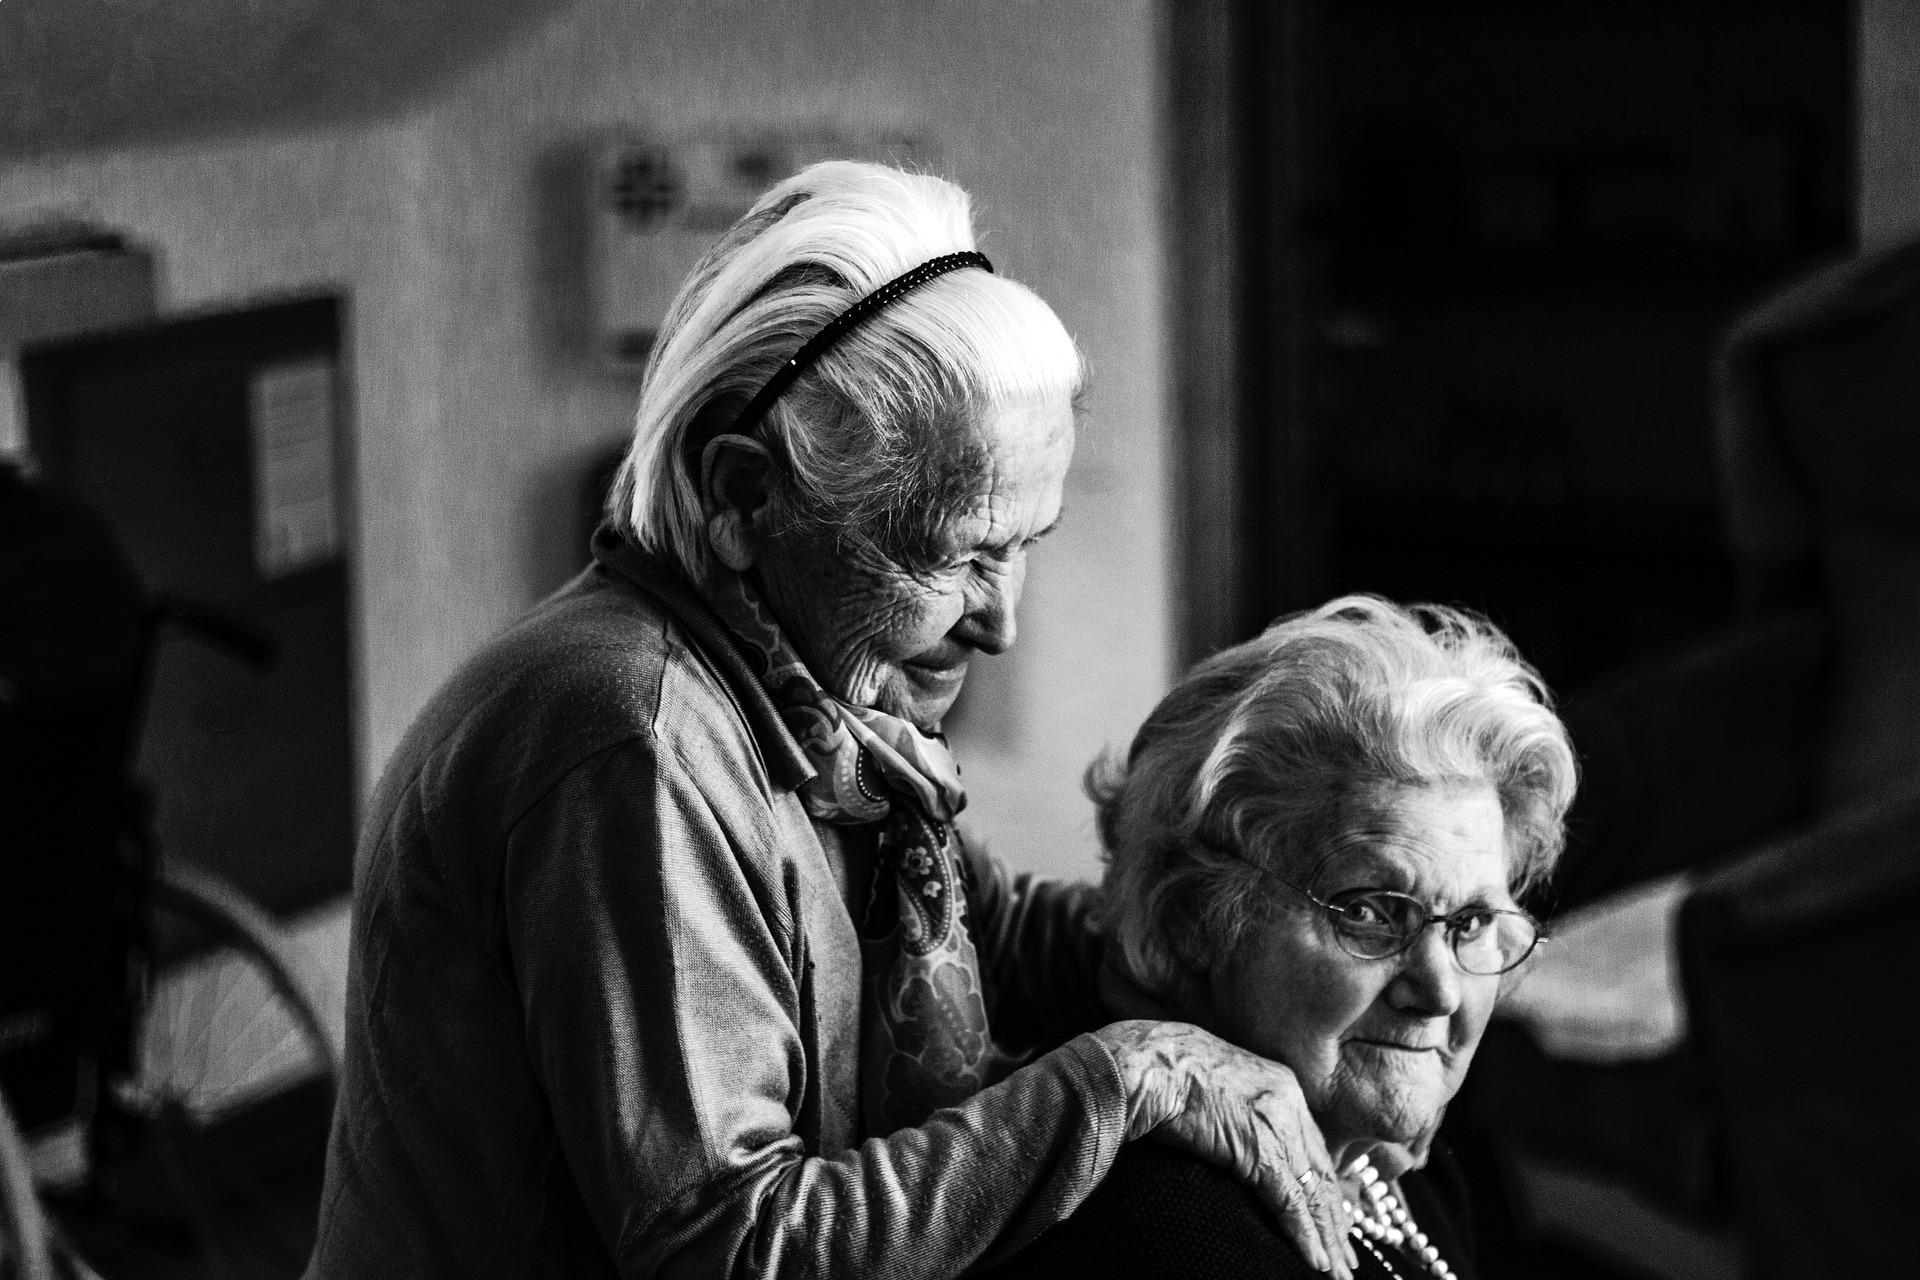 Il vostro piede sinistro si separa in due radici diverse la biforcazione rappresenta il nonno materno e la nonna materna